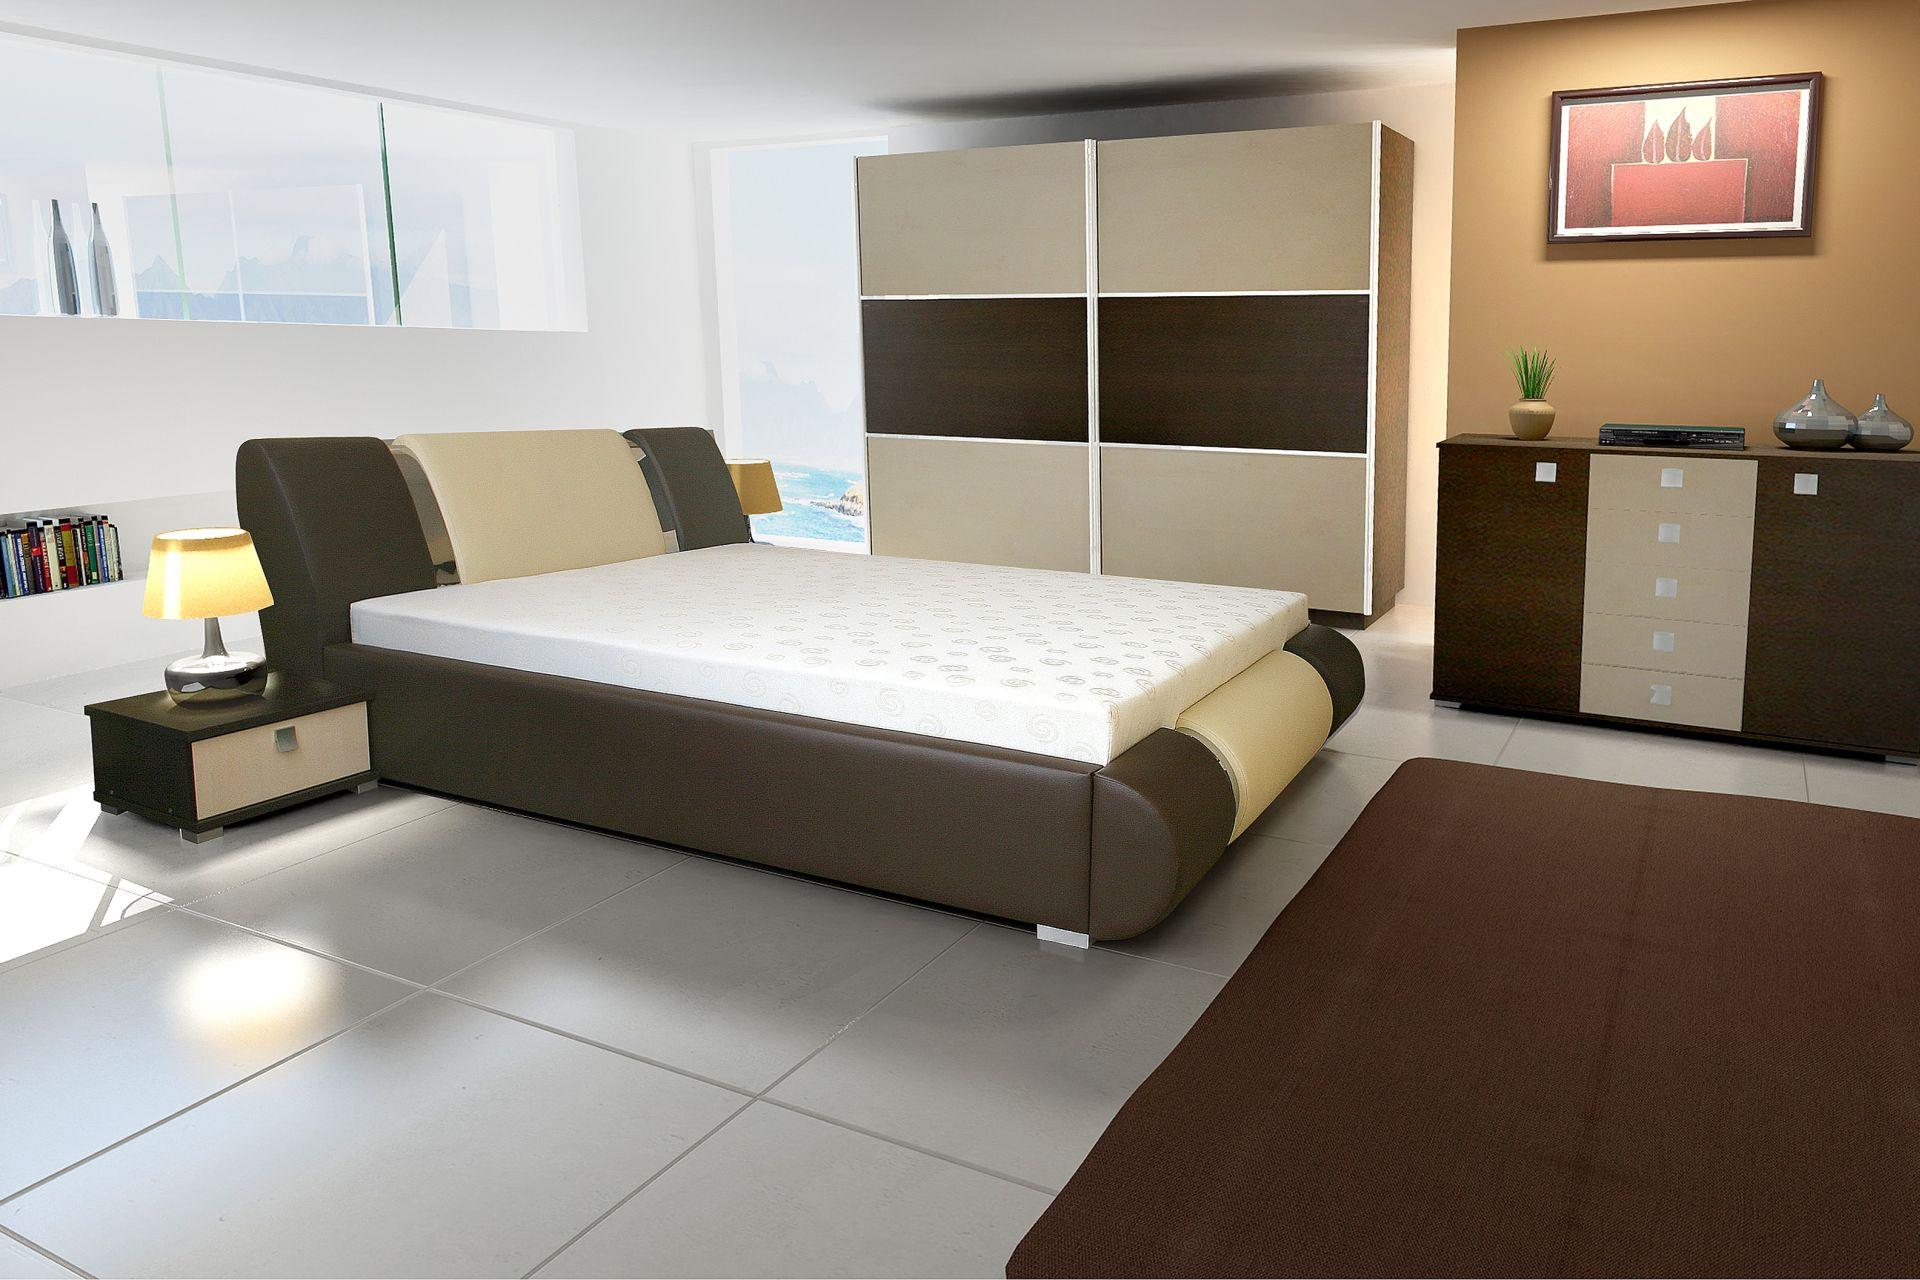 łóżko Sypialne Z Materacem 176 Cm Fiolet